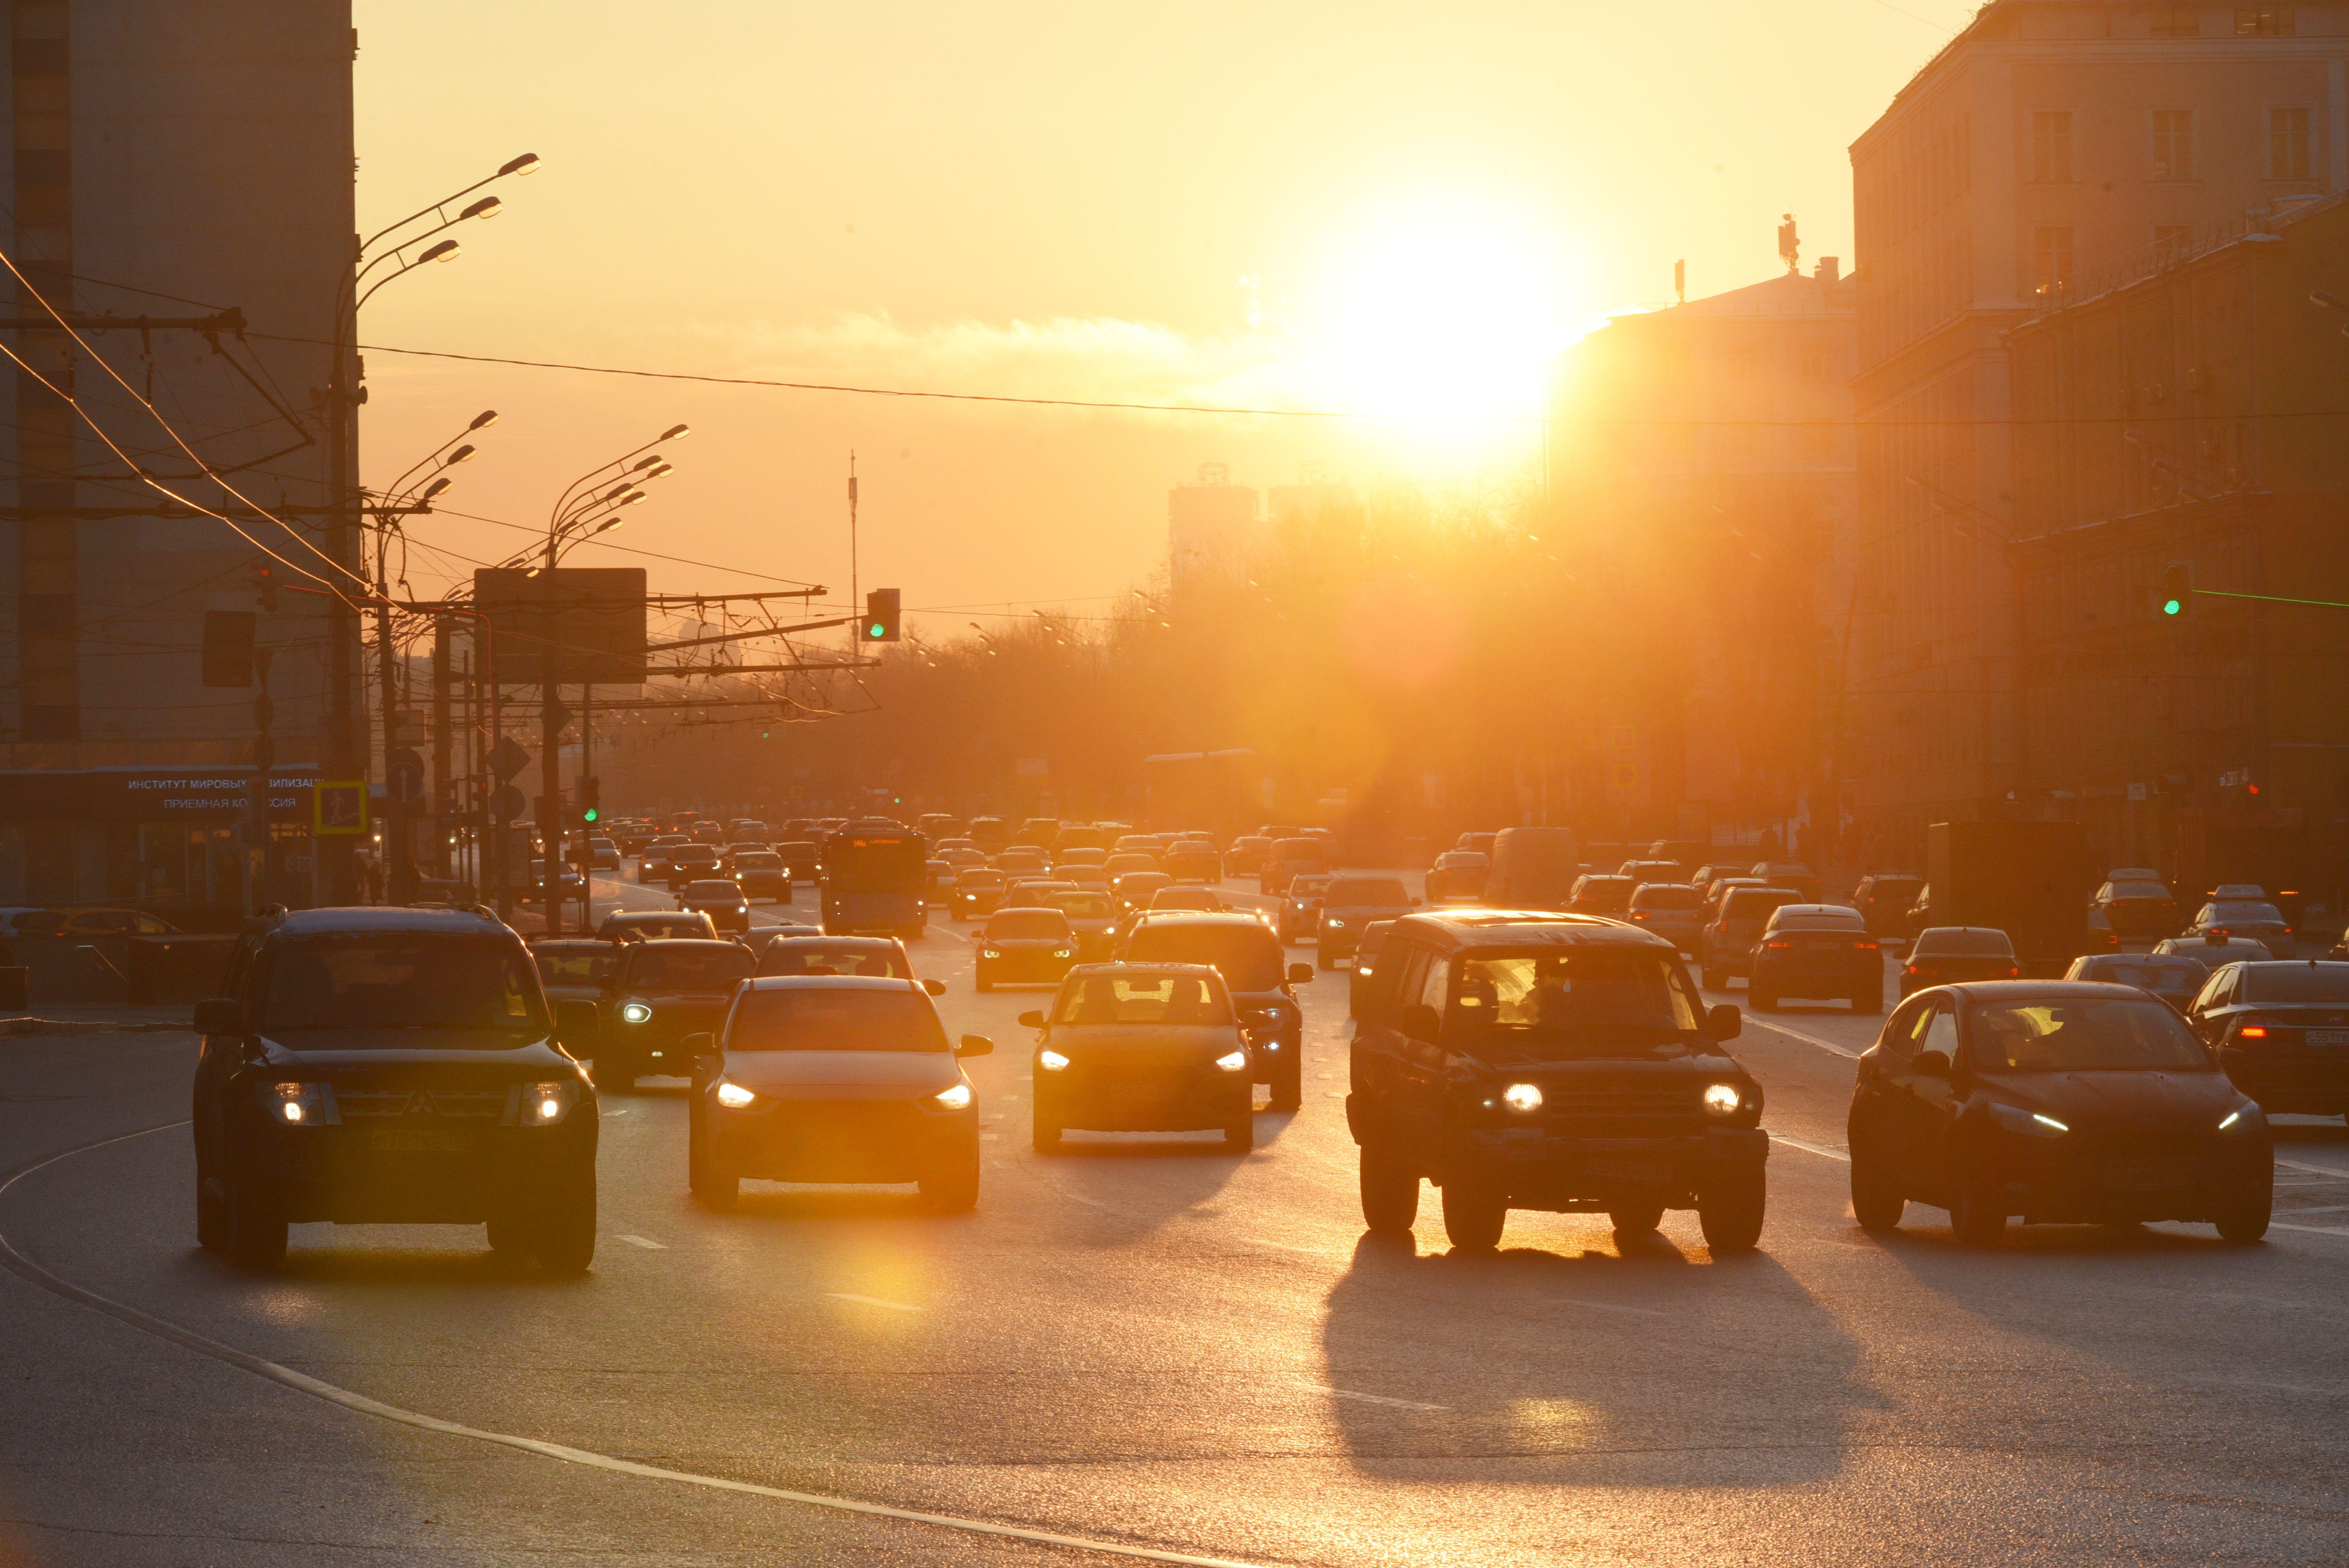 В Москве снизился уровень концентрации выхлопных газов